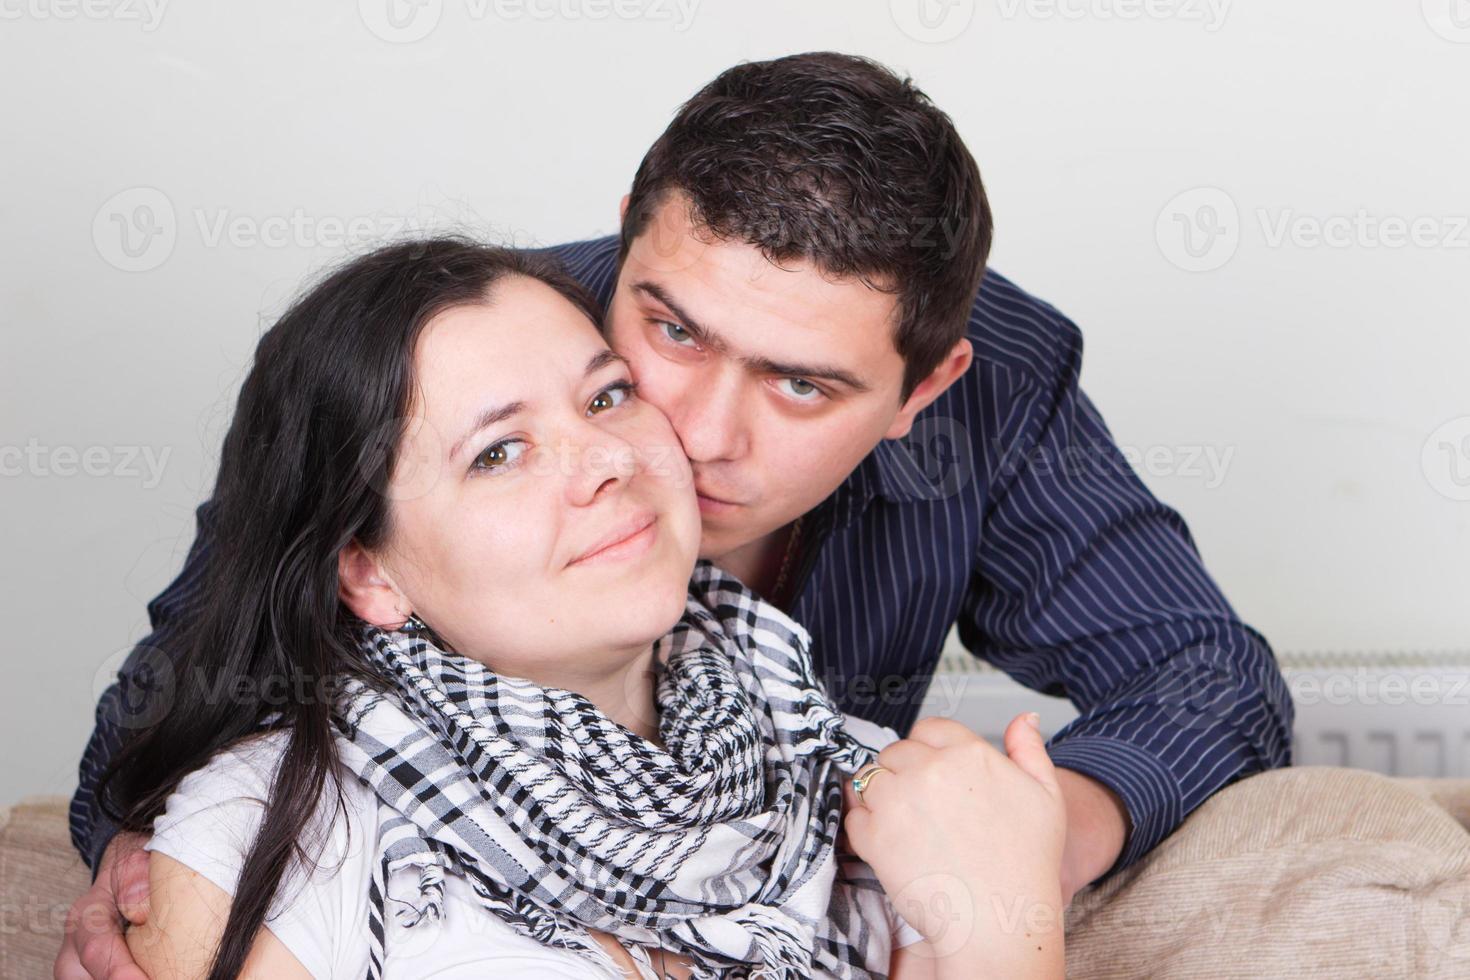 jeune couple de famille amoureux photo